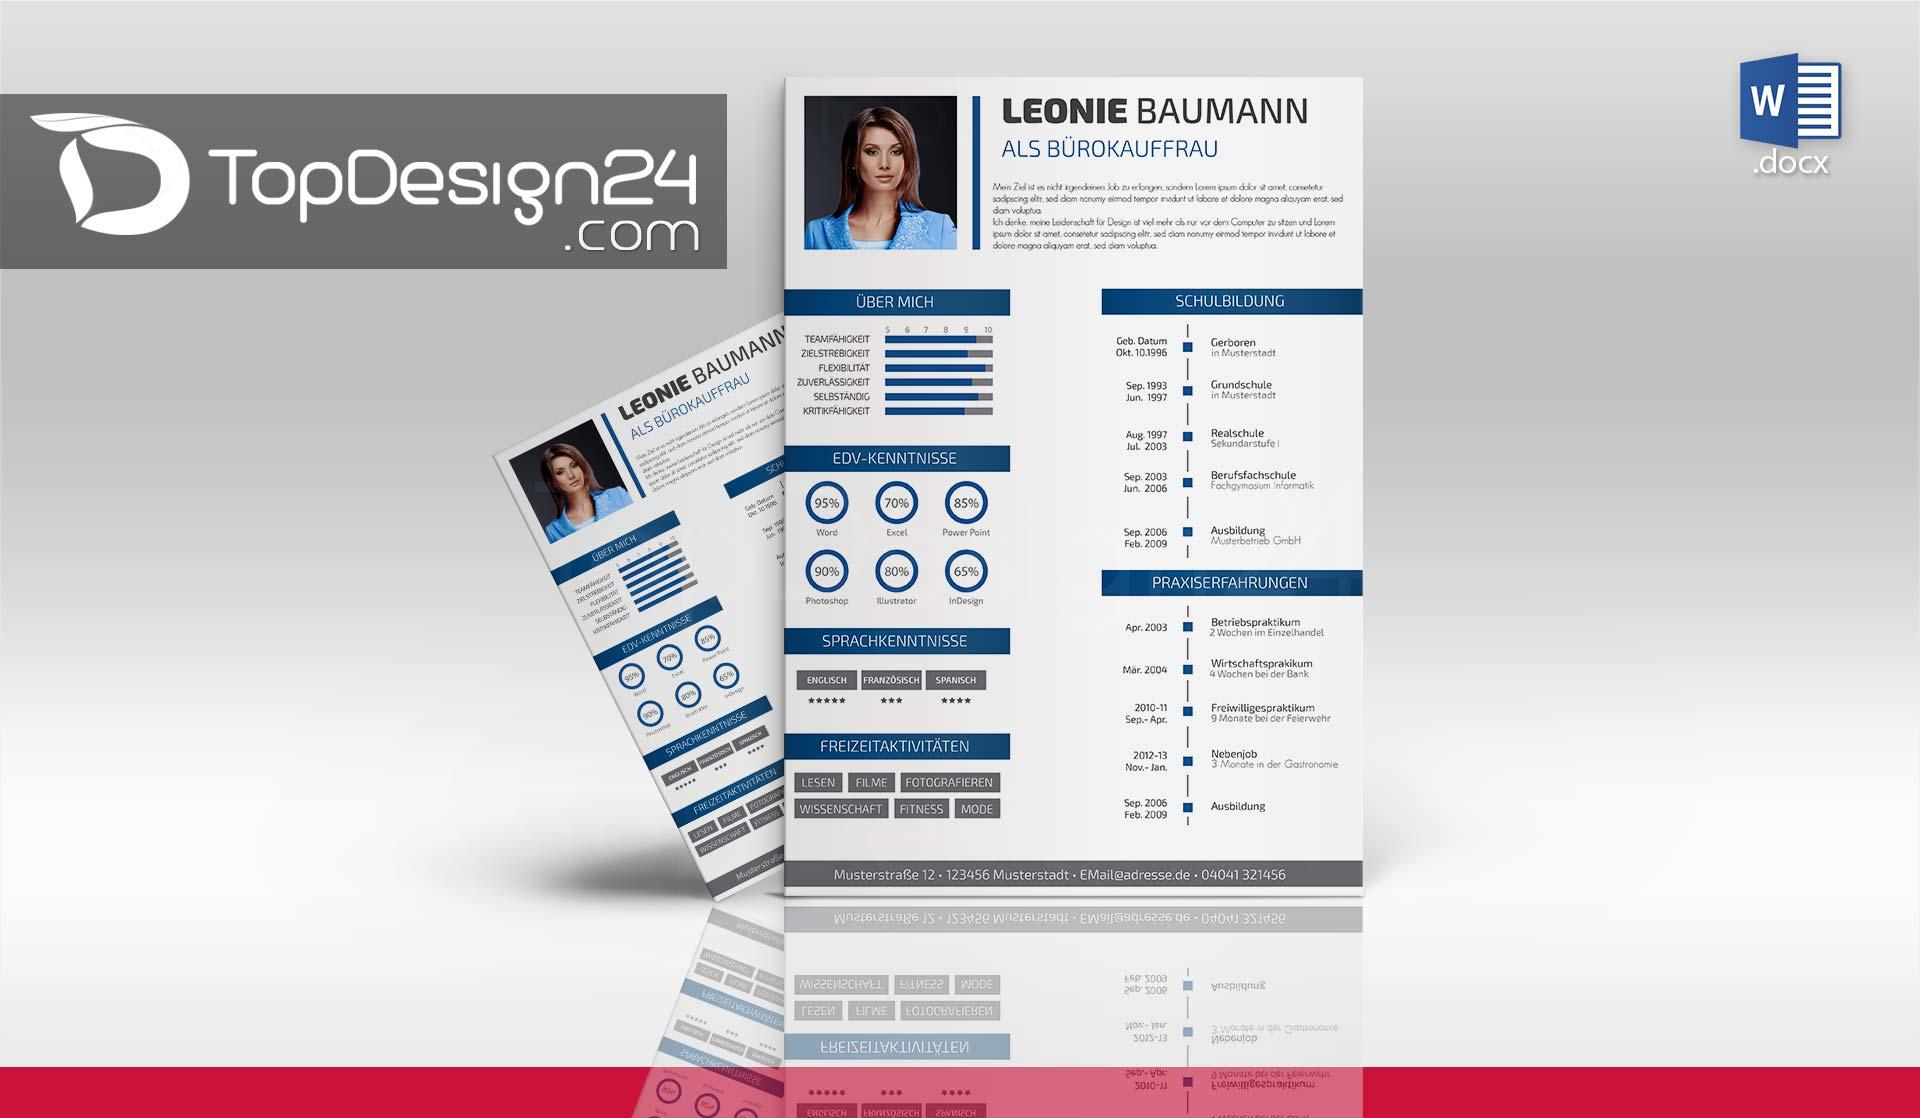 Bewerbung design word topdesign24 bewerbungsvorlagen Create a blueprint online